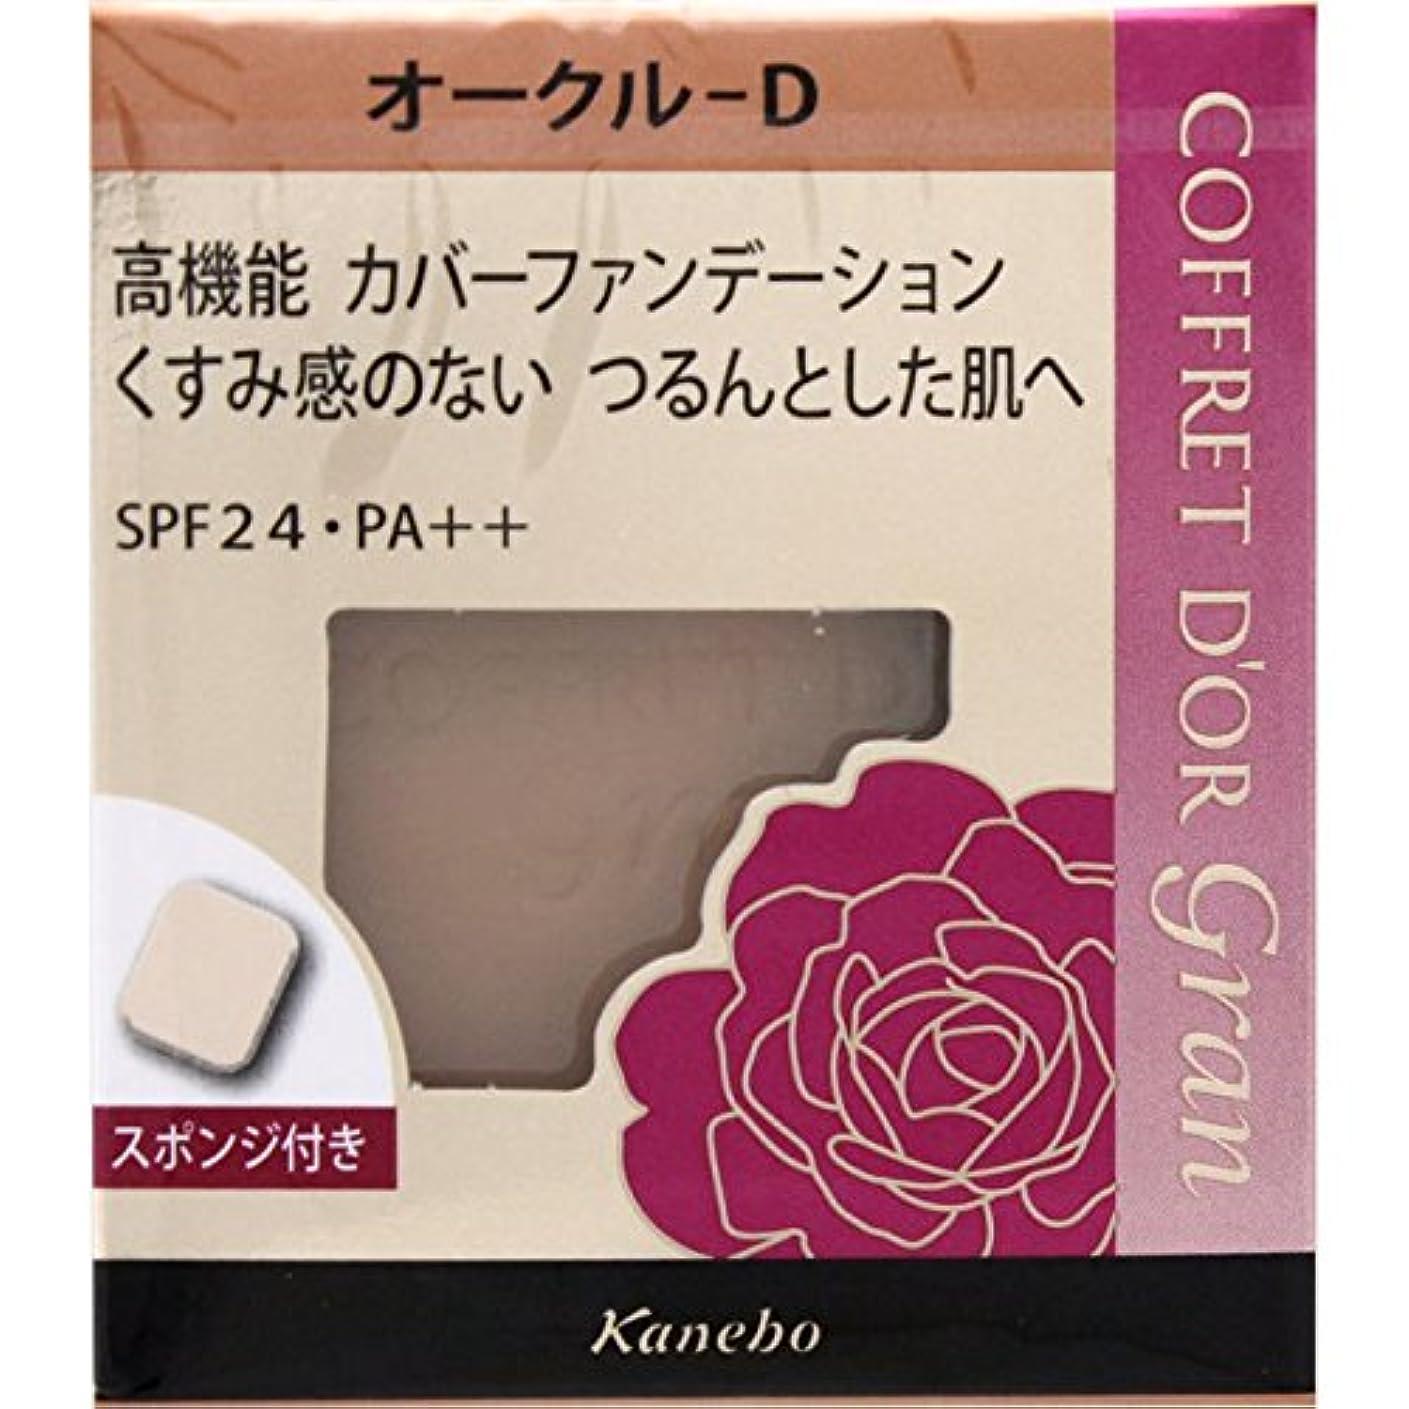 目立つ口述するくぼみカネボウ(Kanebo) コフレドールグランカバーフィットパクトUVII《10.5g》<カラー:オークルD>